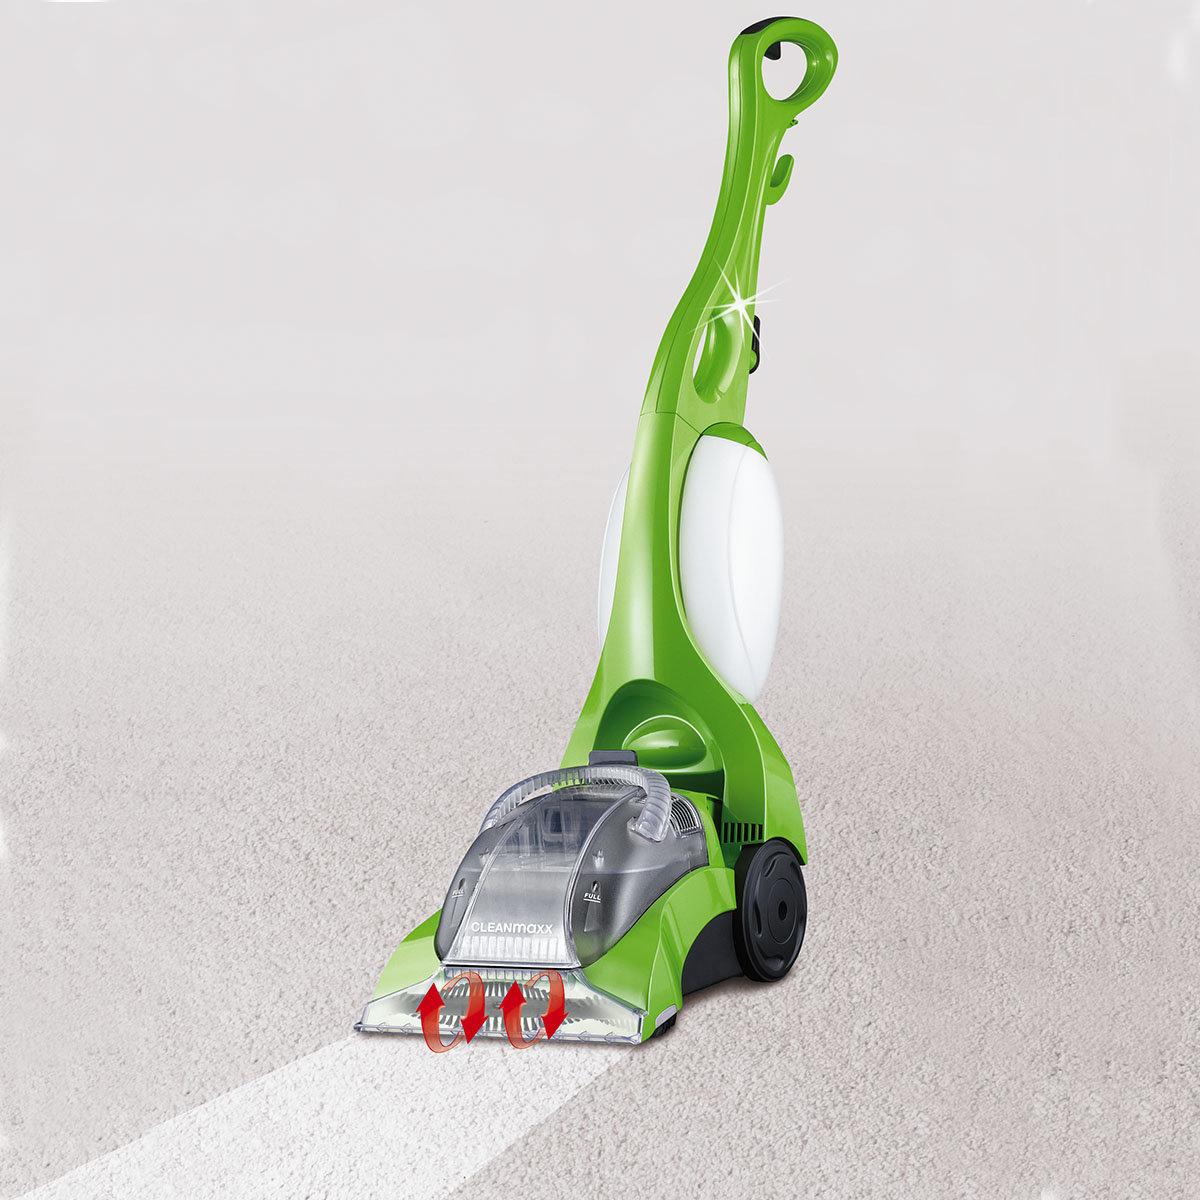 CLEANmaxx Teppichreiniger Professional